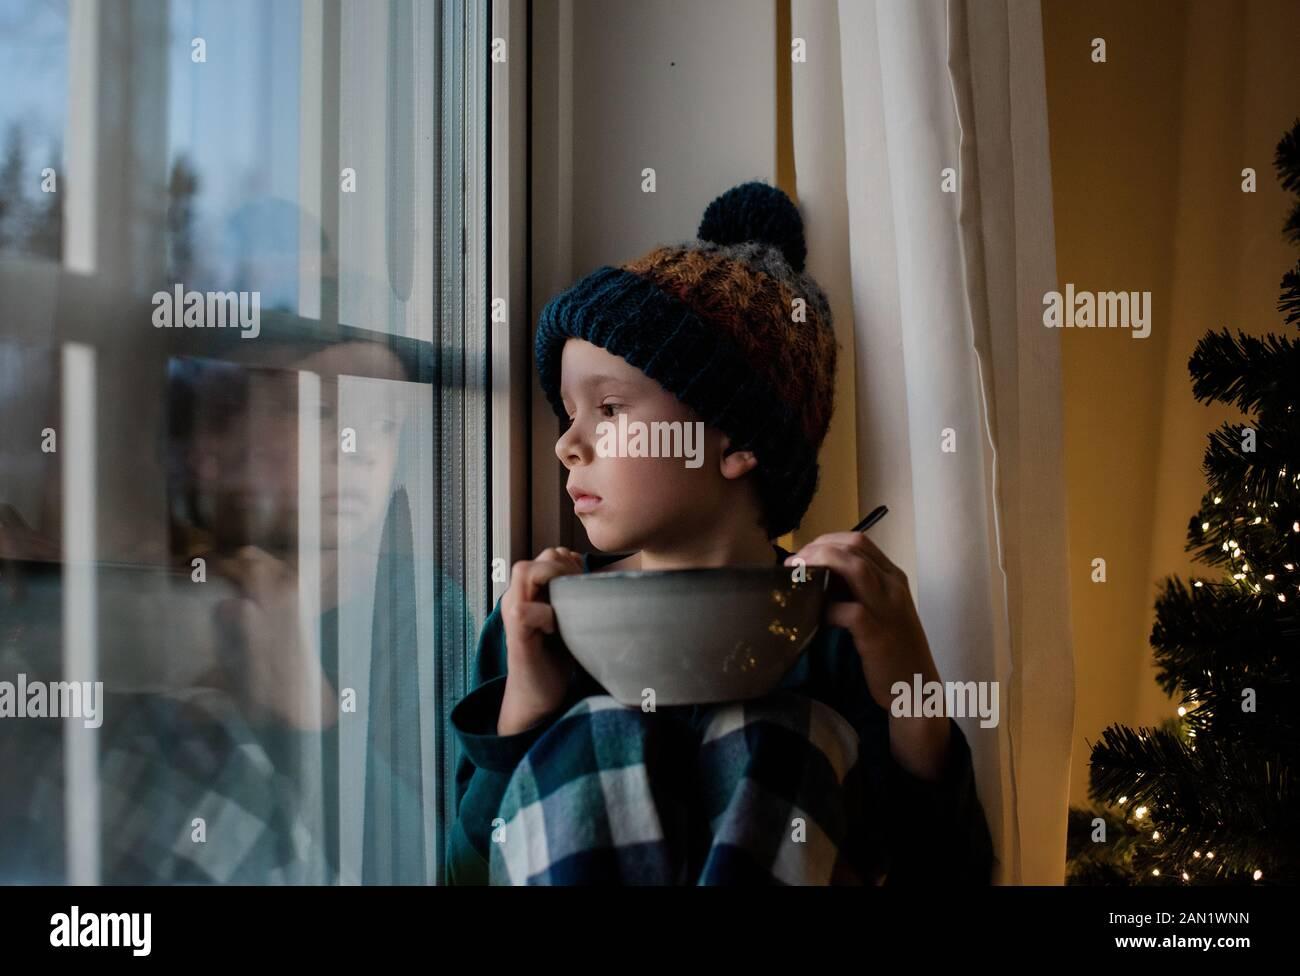 el niño se sentó en un alféizar de la ventana con un cuenco de cereales mirando hacia fuera Foto de stock